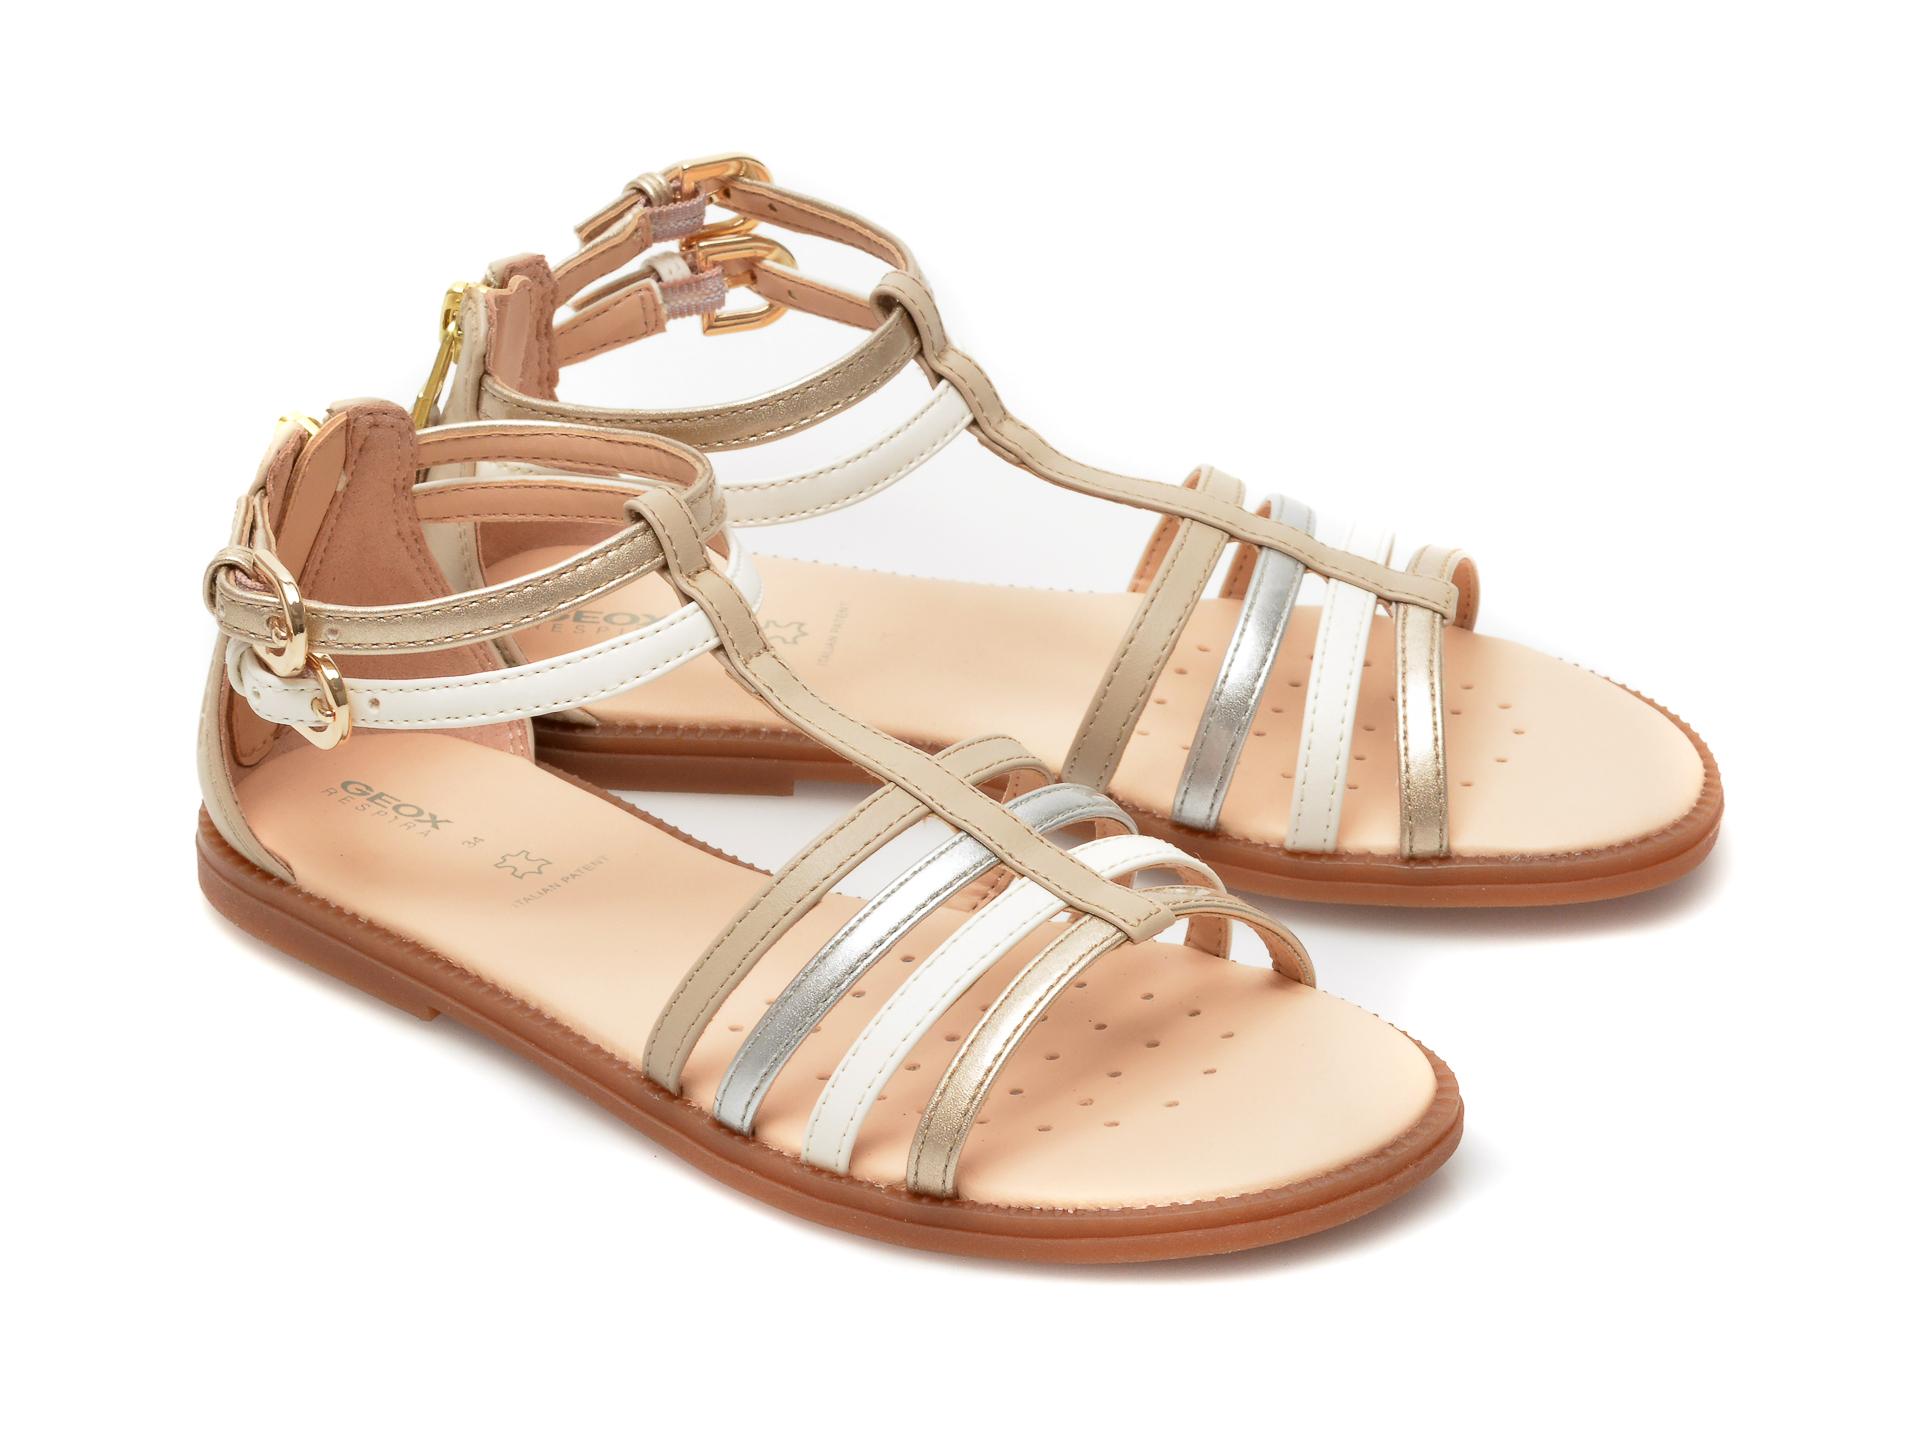 Sandale GEOX bej, J7235D, din piele ecologica - 4